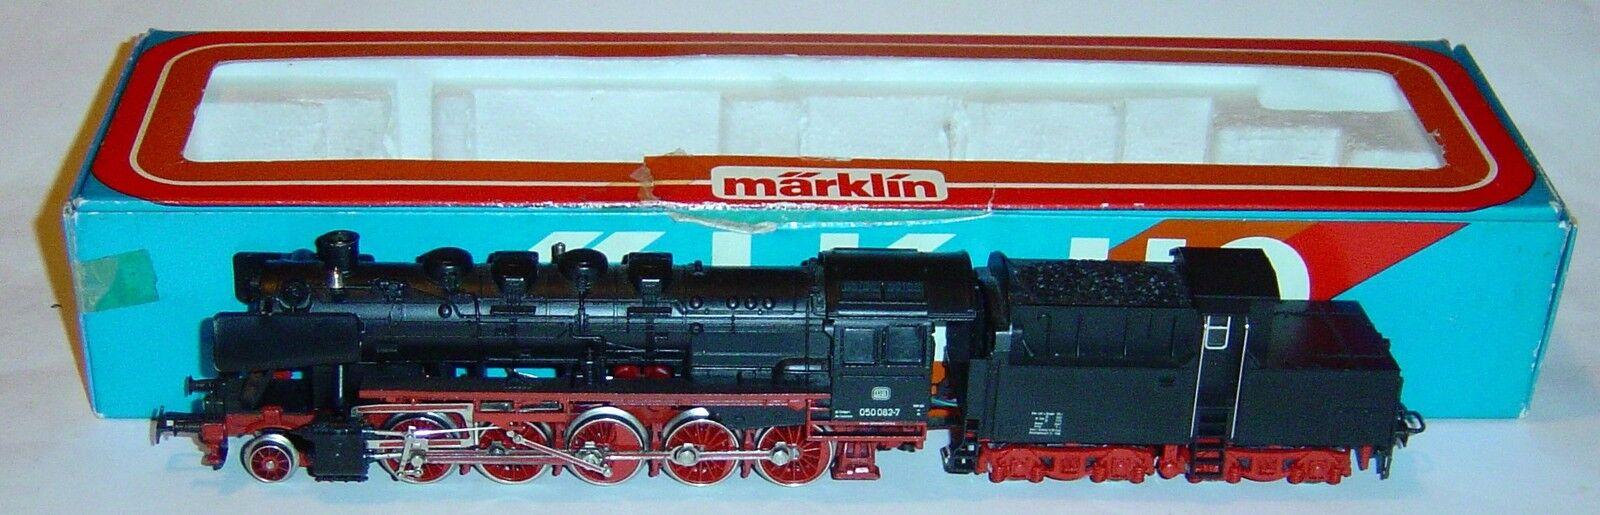 Mejor precio MARKLIN HO, LOCOMOTORA EXCELENTE BR BR BR 050 REF.3084, ¡DIGITAL 5 POLOS CON FUMÍGENO   Todos los productos obtienen hasta un 34% de descuento.